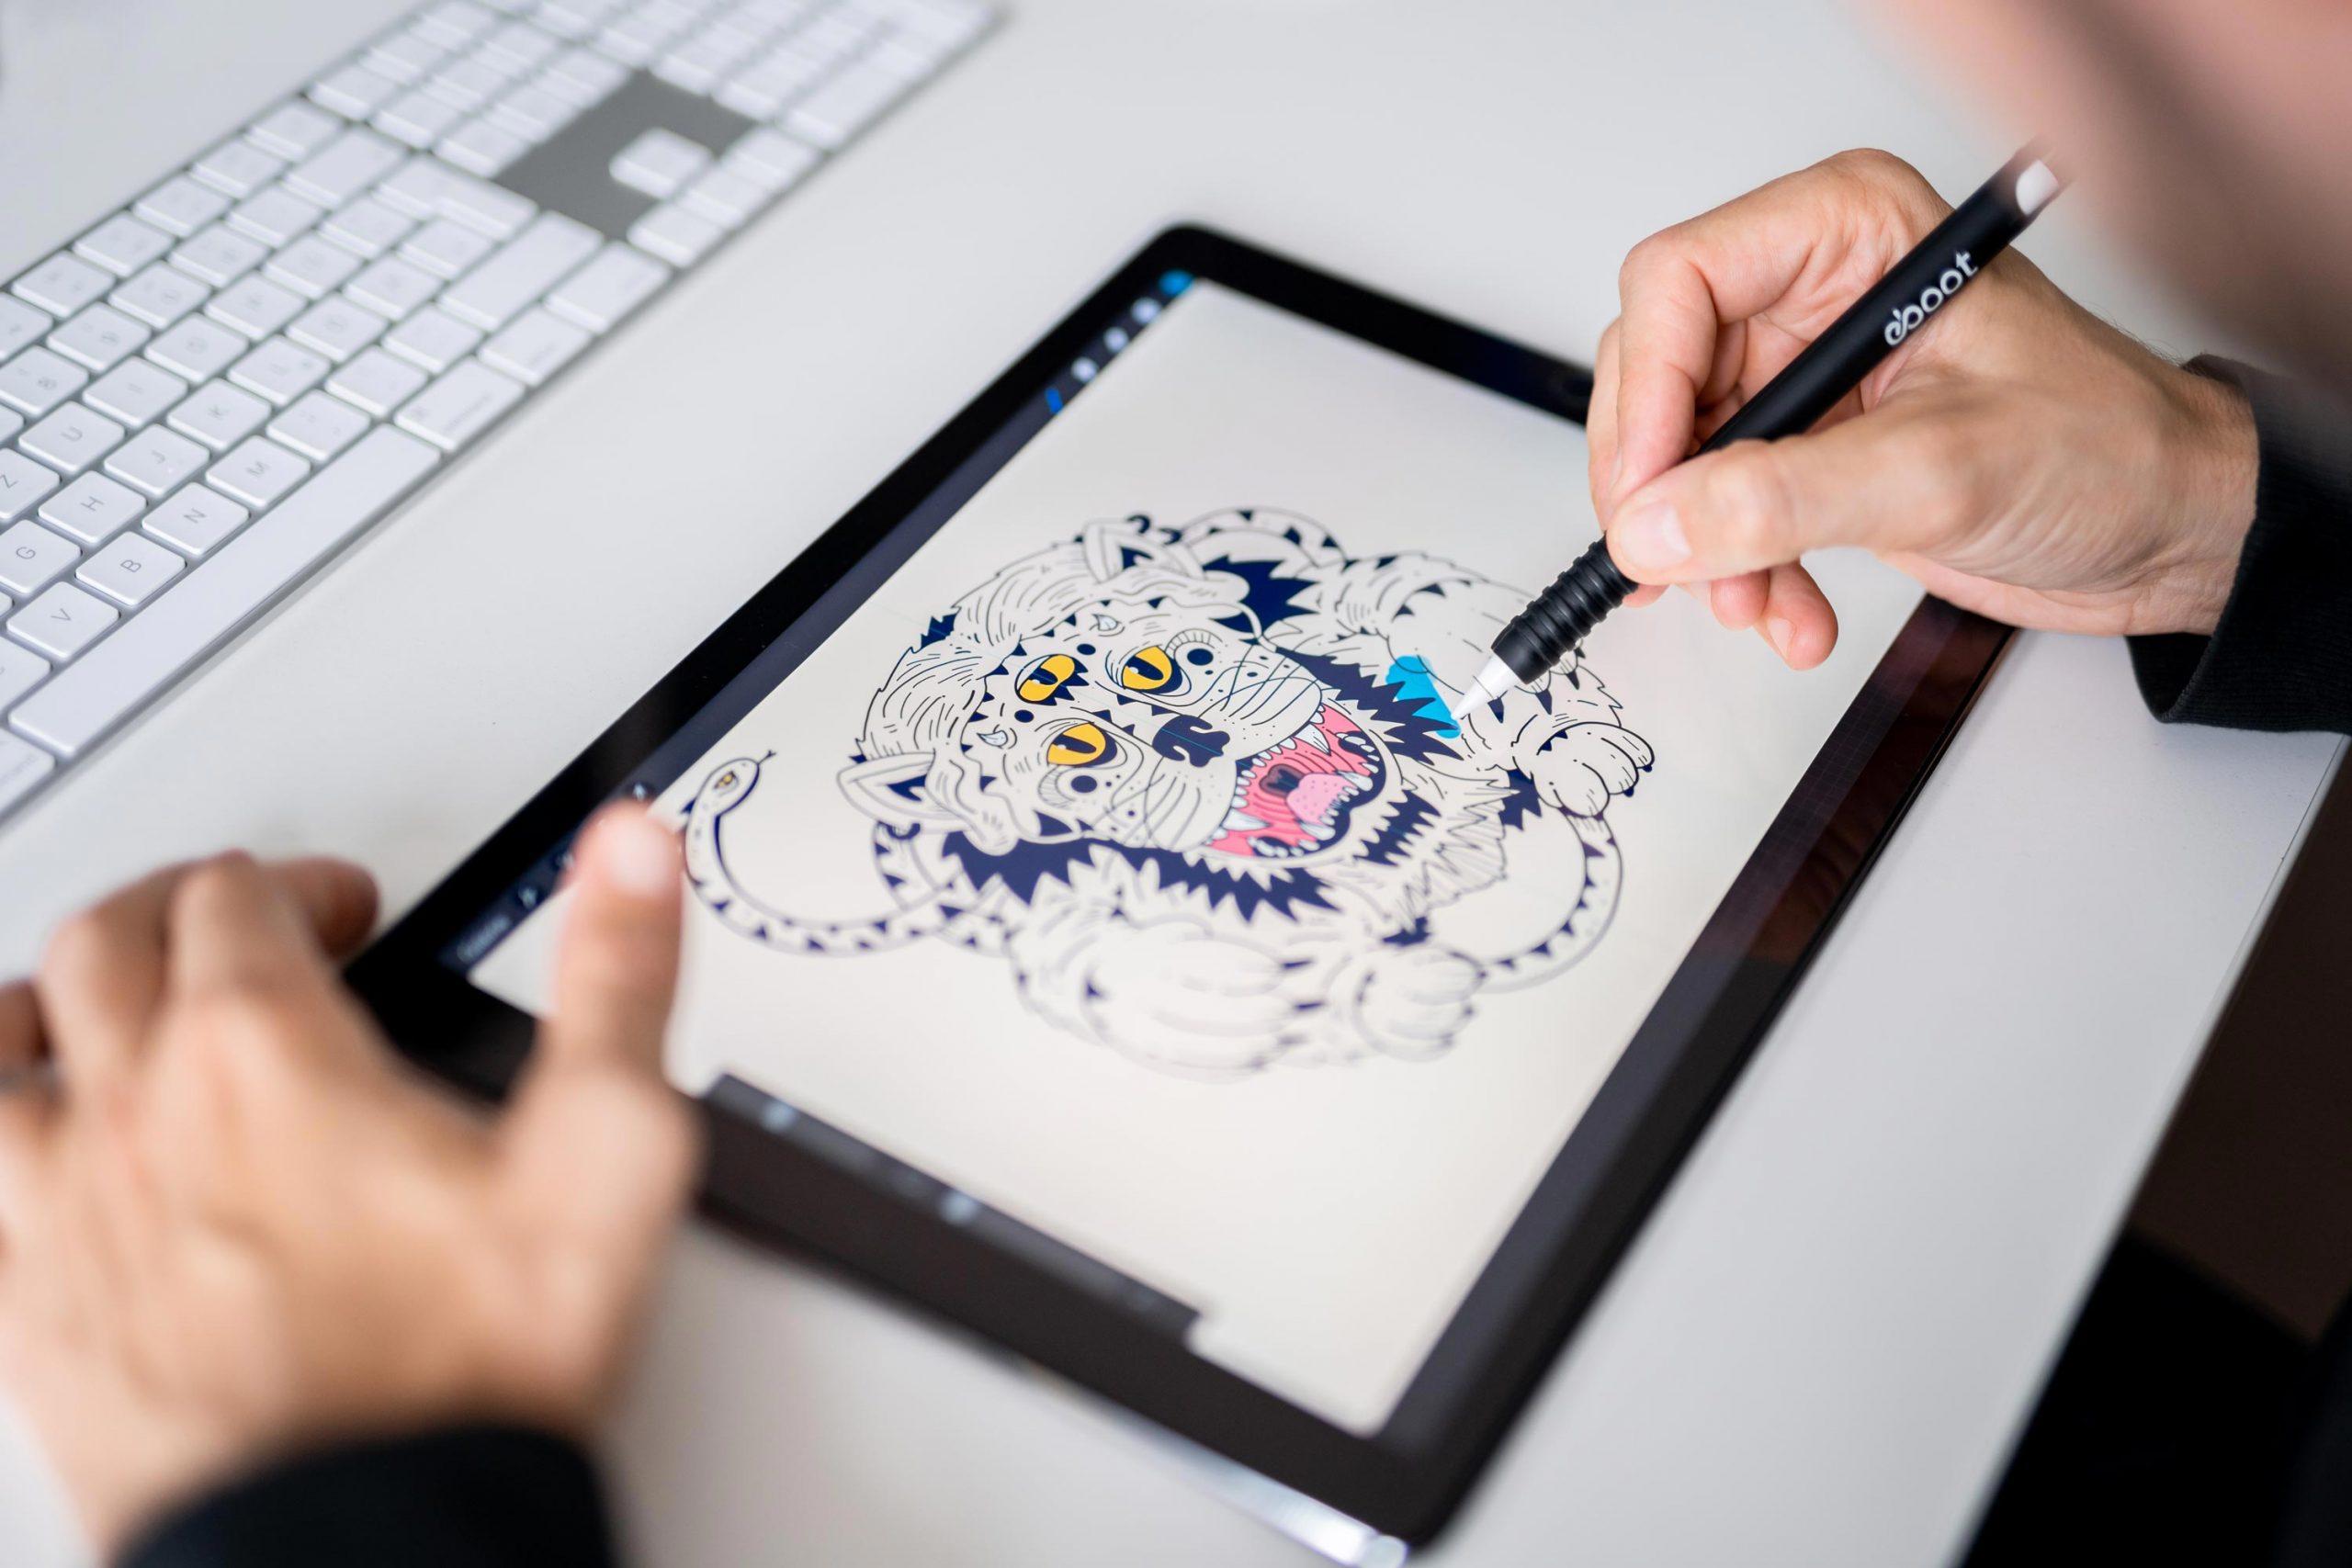 Ipad Illustration am Arbeitsplatz